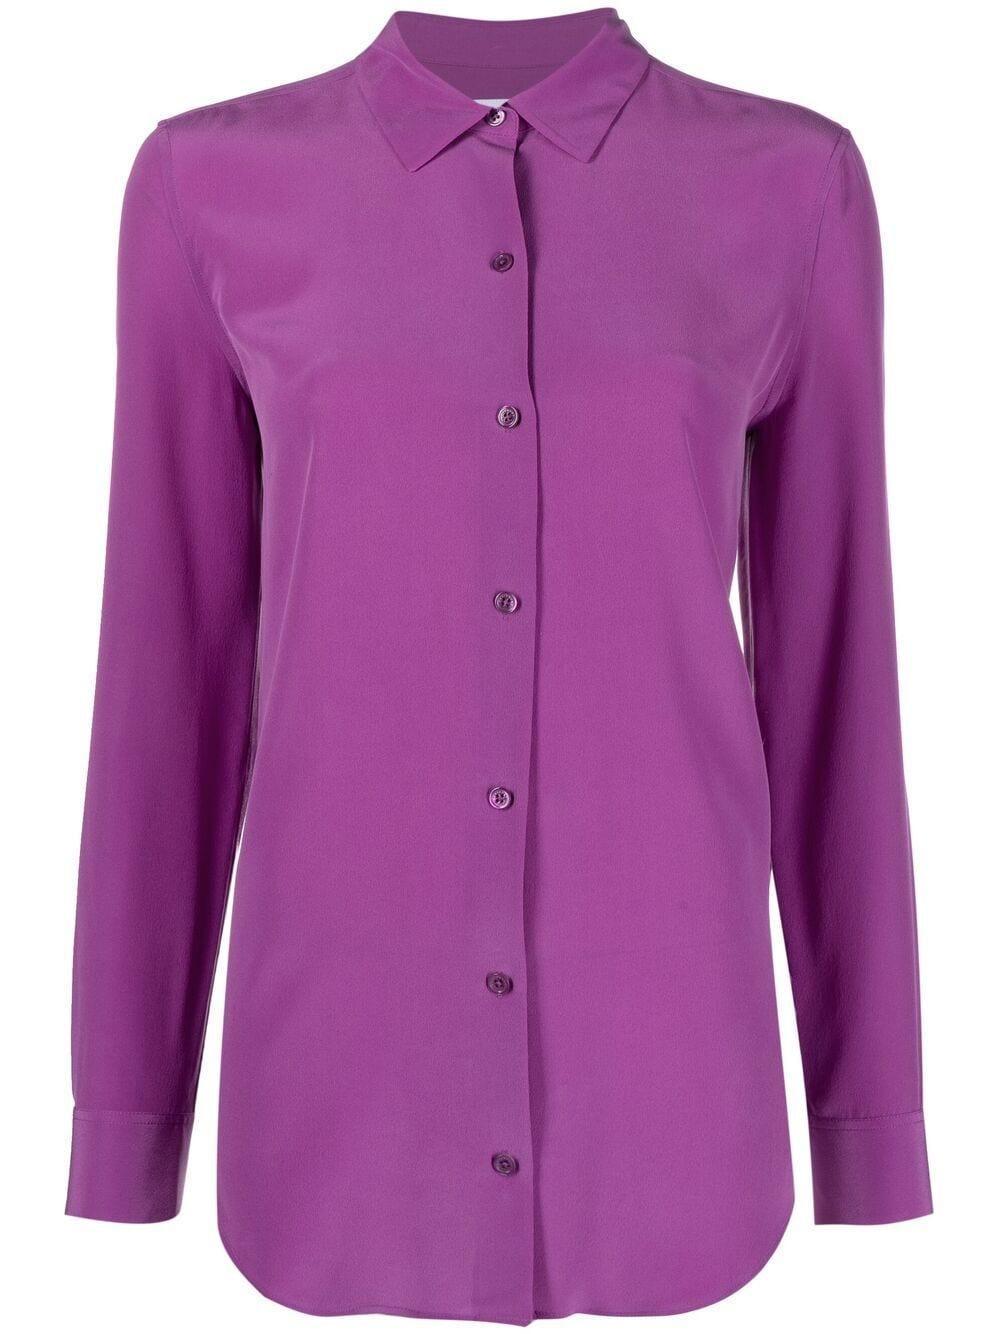 Essential Button Front Blouse Item # 21-1-Q23-E900